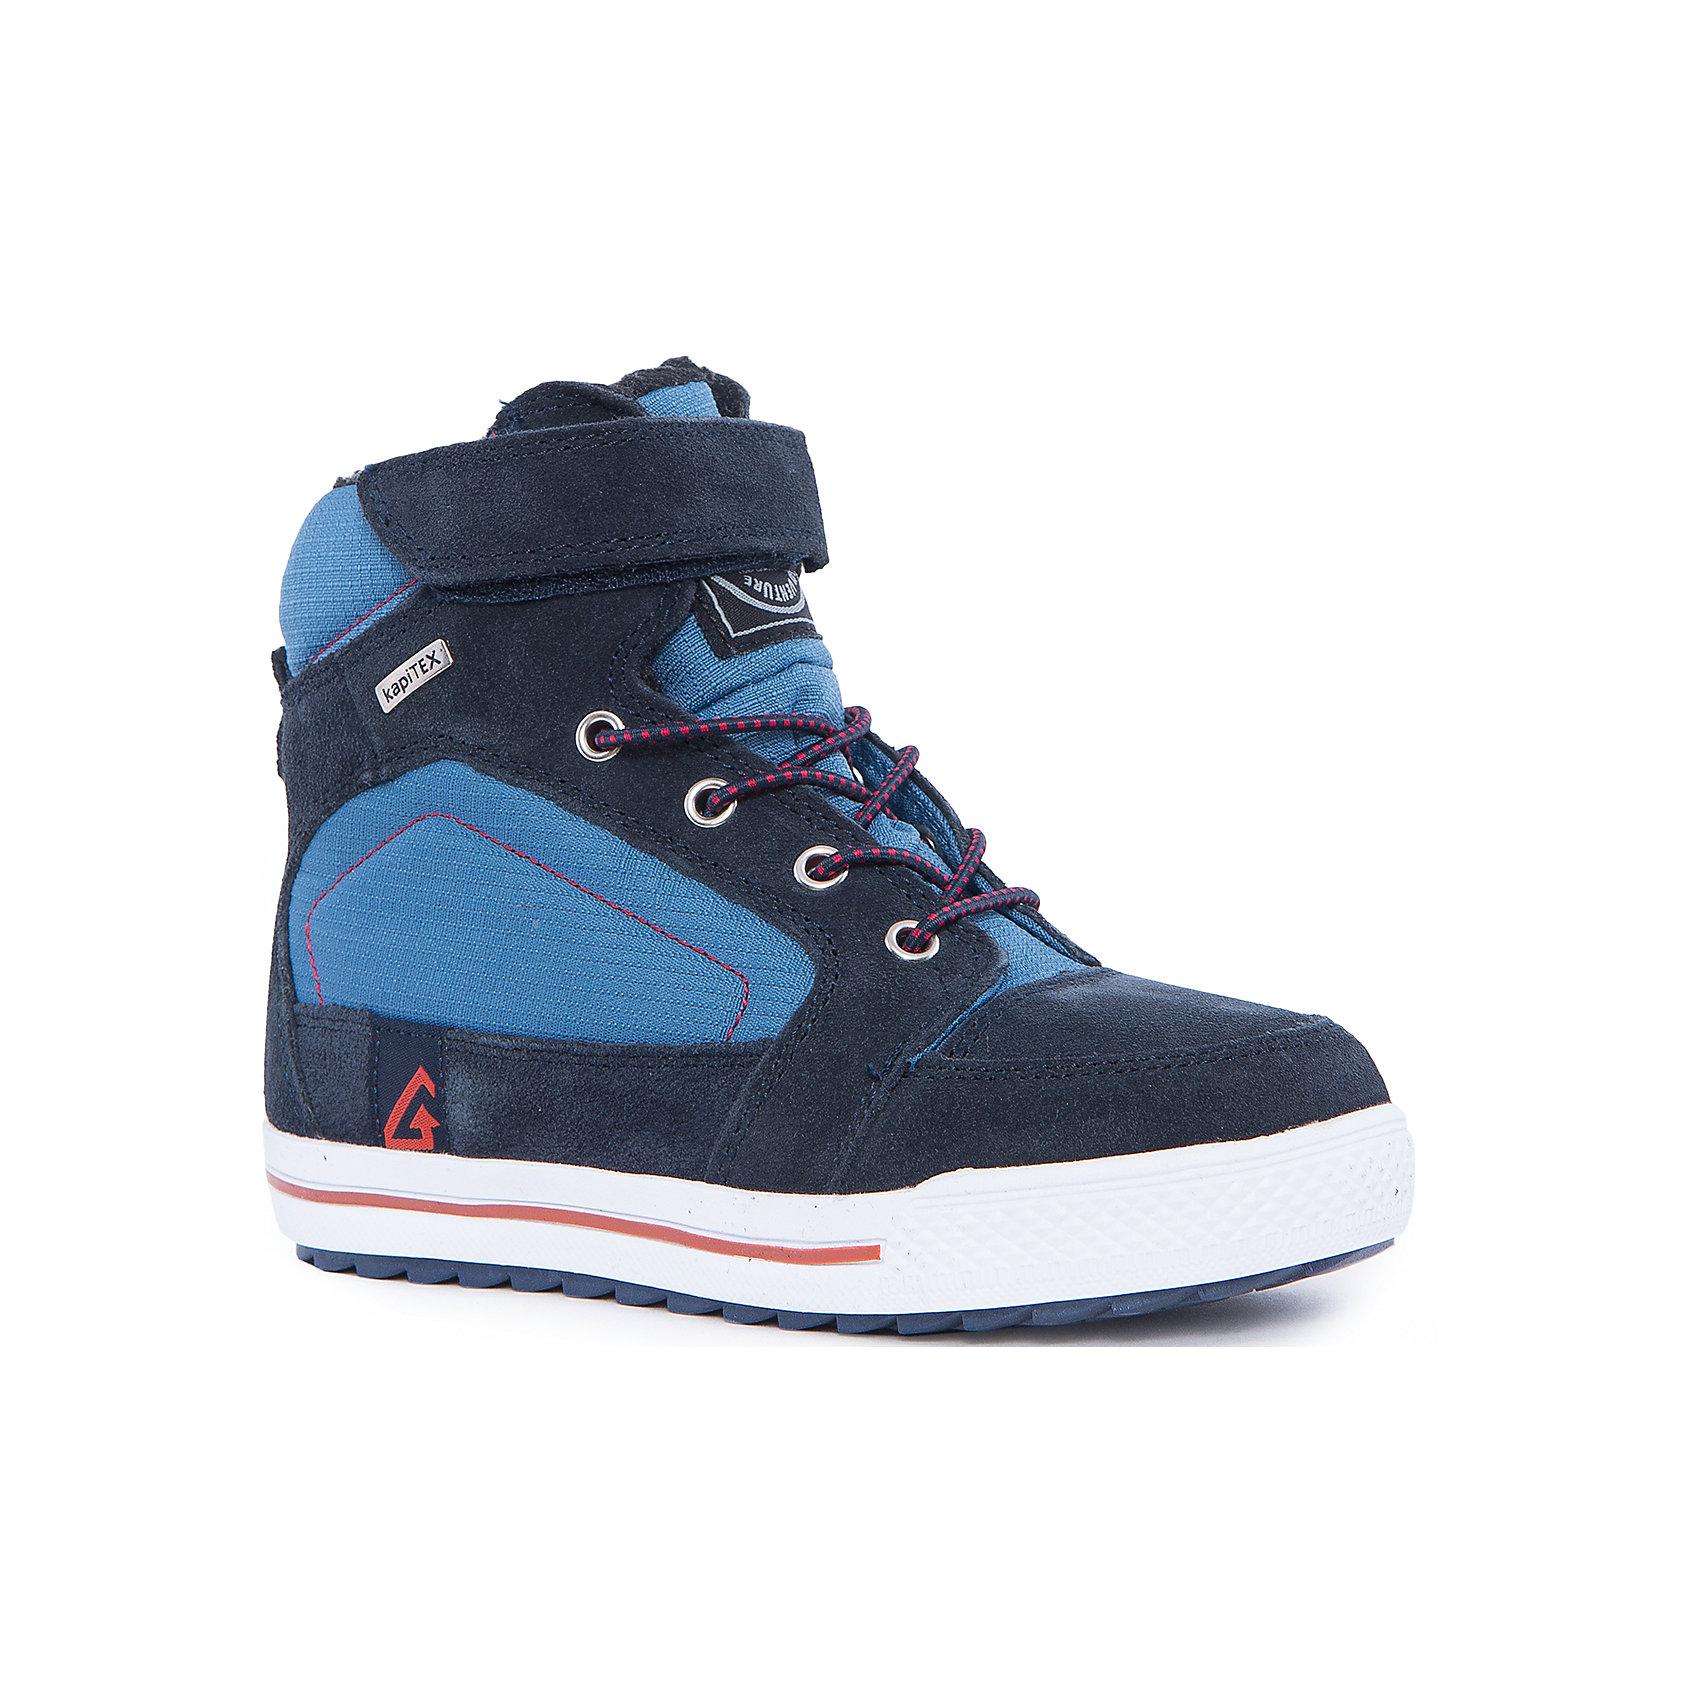 Ботинки для мальчика KAPIKAБотинки для мальчика KAPIKA.<br><br>Температурный режим: до -10 градусов. Степень утепления – низкая. <br><br>* Температурный режим указан приблизительно — необходимо, прежде всего, ориентироваться на ощущения ребенка.<br><br>Стильная обувь с защитой от холода.<br>Модные и красивые удлиненные кеды можно носить в холодную погоду. Подходят для осени, весны и ранней зимы. Не пропускают влагу, защищают ногу от попадания воды внутрь через верх. Хорошая устойчивая пятка. Нога фиксируется с помощью шнурков с ограничителем и липучки.<br><br>Дополнительная информация:<br><br>- цвет: синий<br>- материал: верх - текстиль/иск.кожа; подкладка - текстиль (шерсть 35%); подошва - ТЭП<br><br>Ботинки для мальчика KAPIKA можно купить в нашем интернет магазине.<br><br>Ширина мм: 262<br>Глубина мм: 176<br>Высота мм: 97<br>Вес г: 427<br>Цвет: синий<br>Возраст от месяцев: 108<br>Возраст до месяцев: 120<br>Пол: Мужской<br>Возраст: Детский<br>Размер: 33,36,35,34,37<br>SKU: 4987917